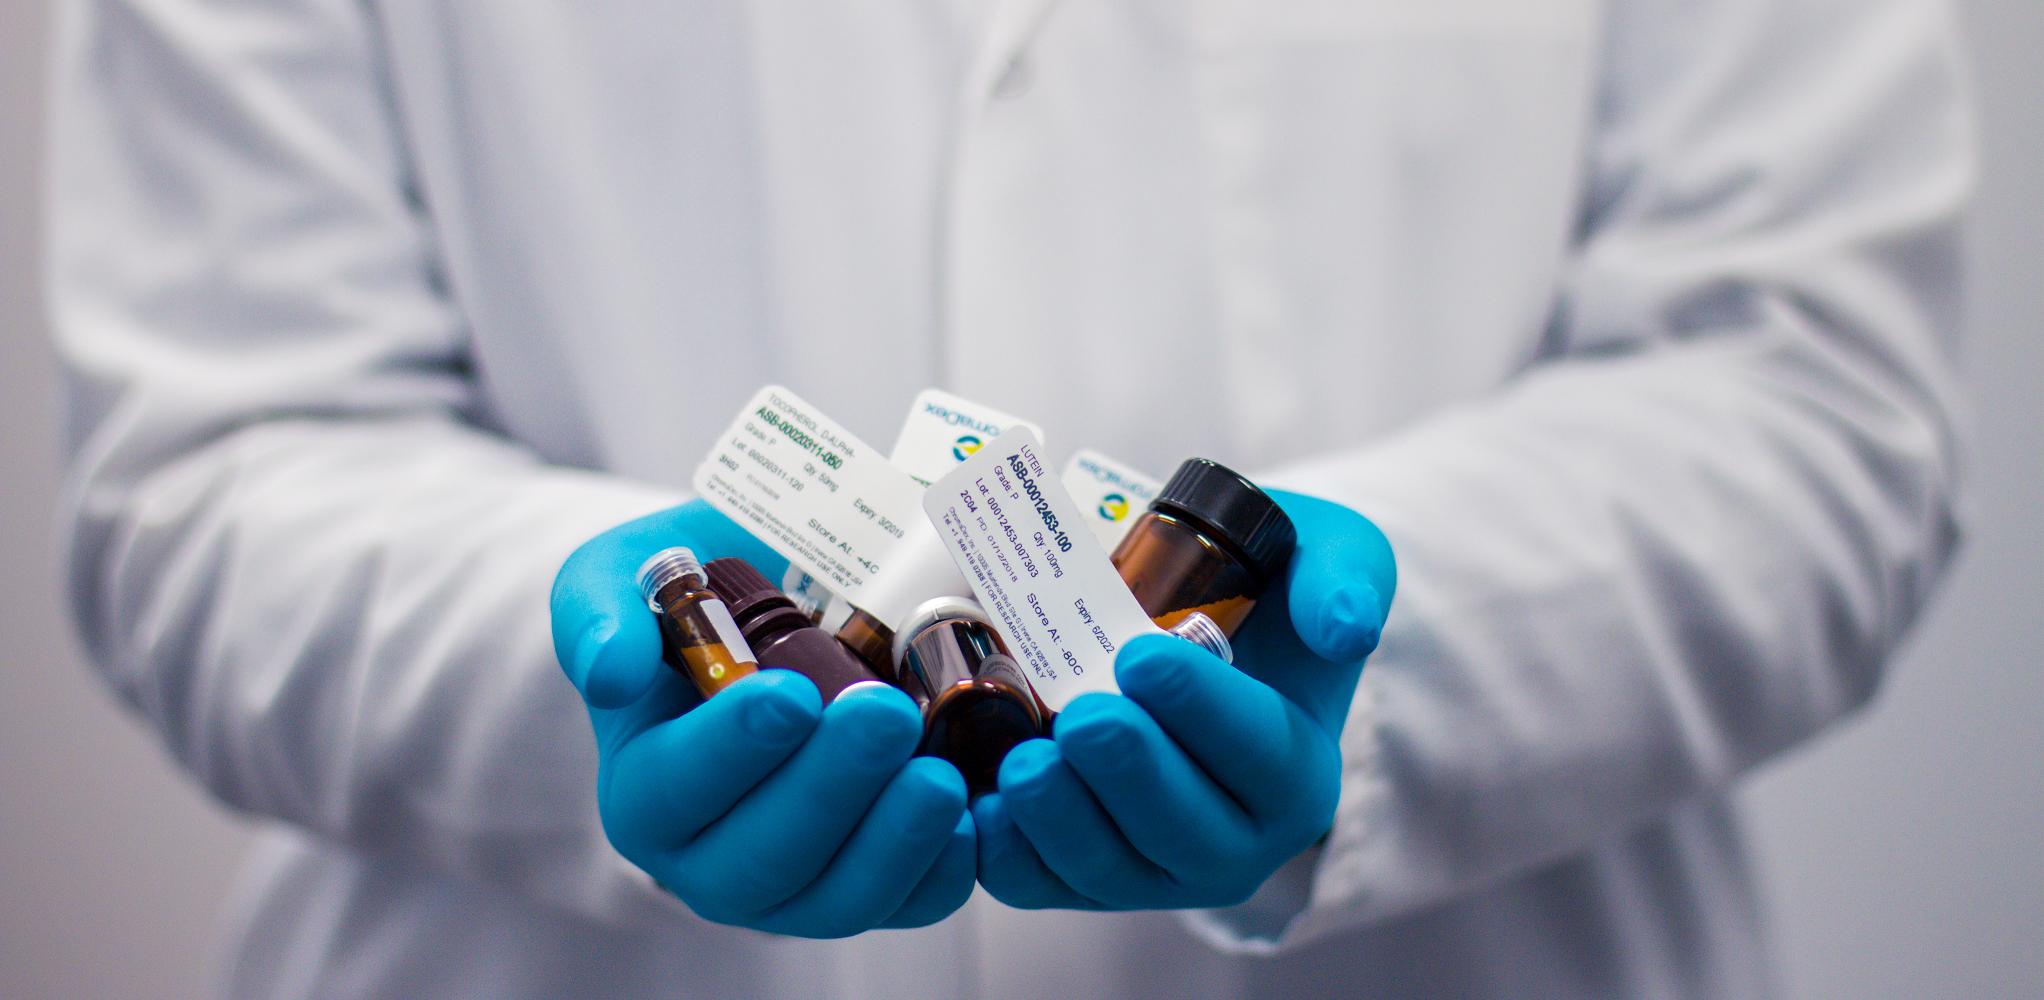 Cómo evitar que los hospitales compren artículos tóxicos para el ambiente